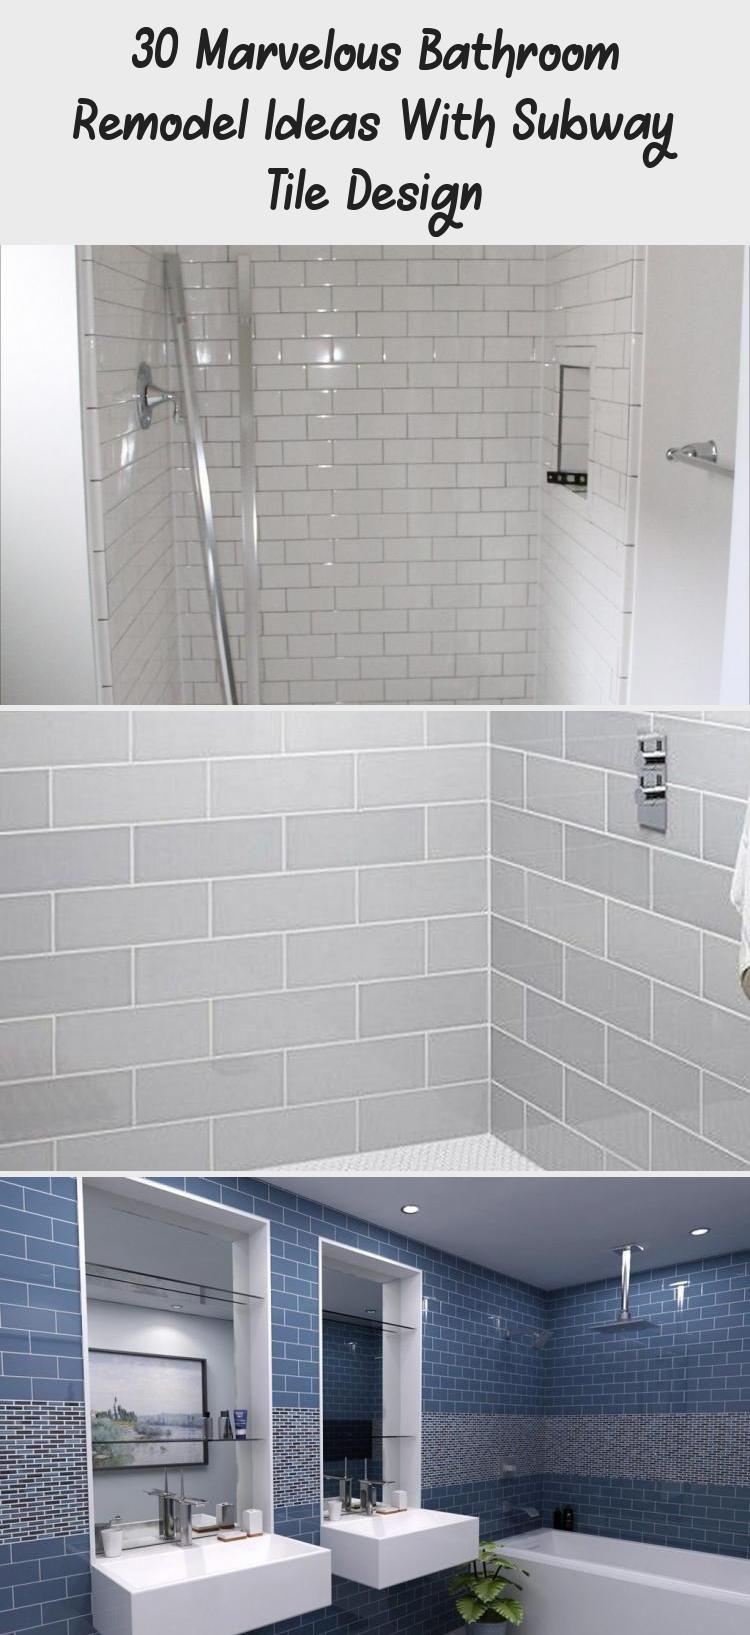 Purplebathroomideas Bathroomideasvintage Bathroomideasmaster Jackandjillbathroomideas Tealbathr In 2020 Beautiful Tile Bathroom Subway Tile Design Bathroom Design